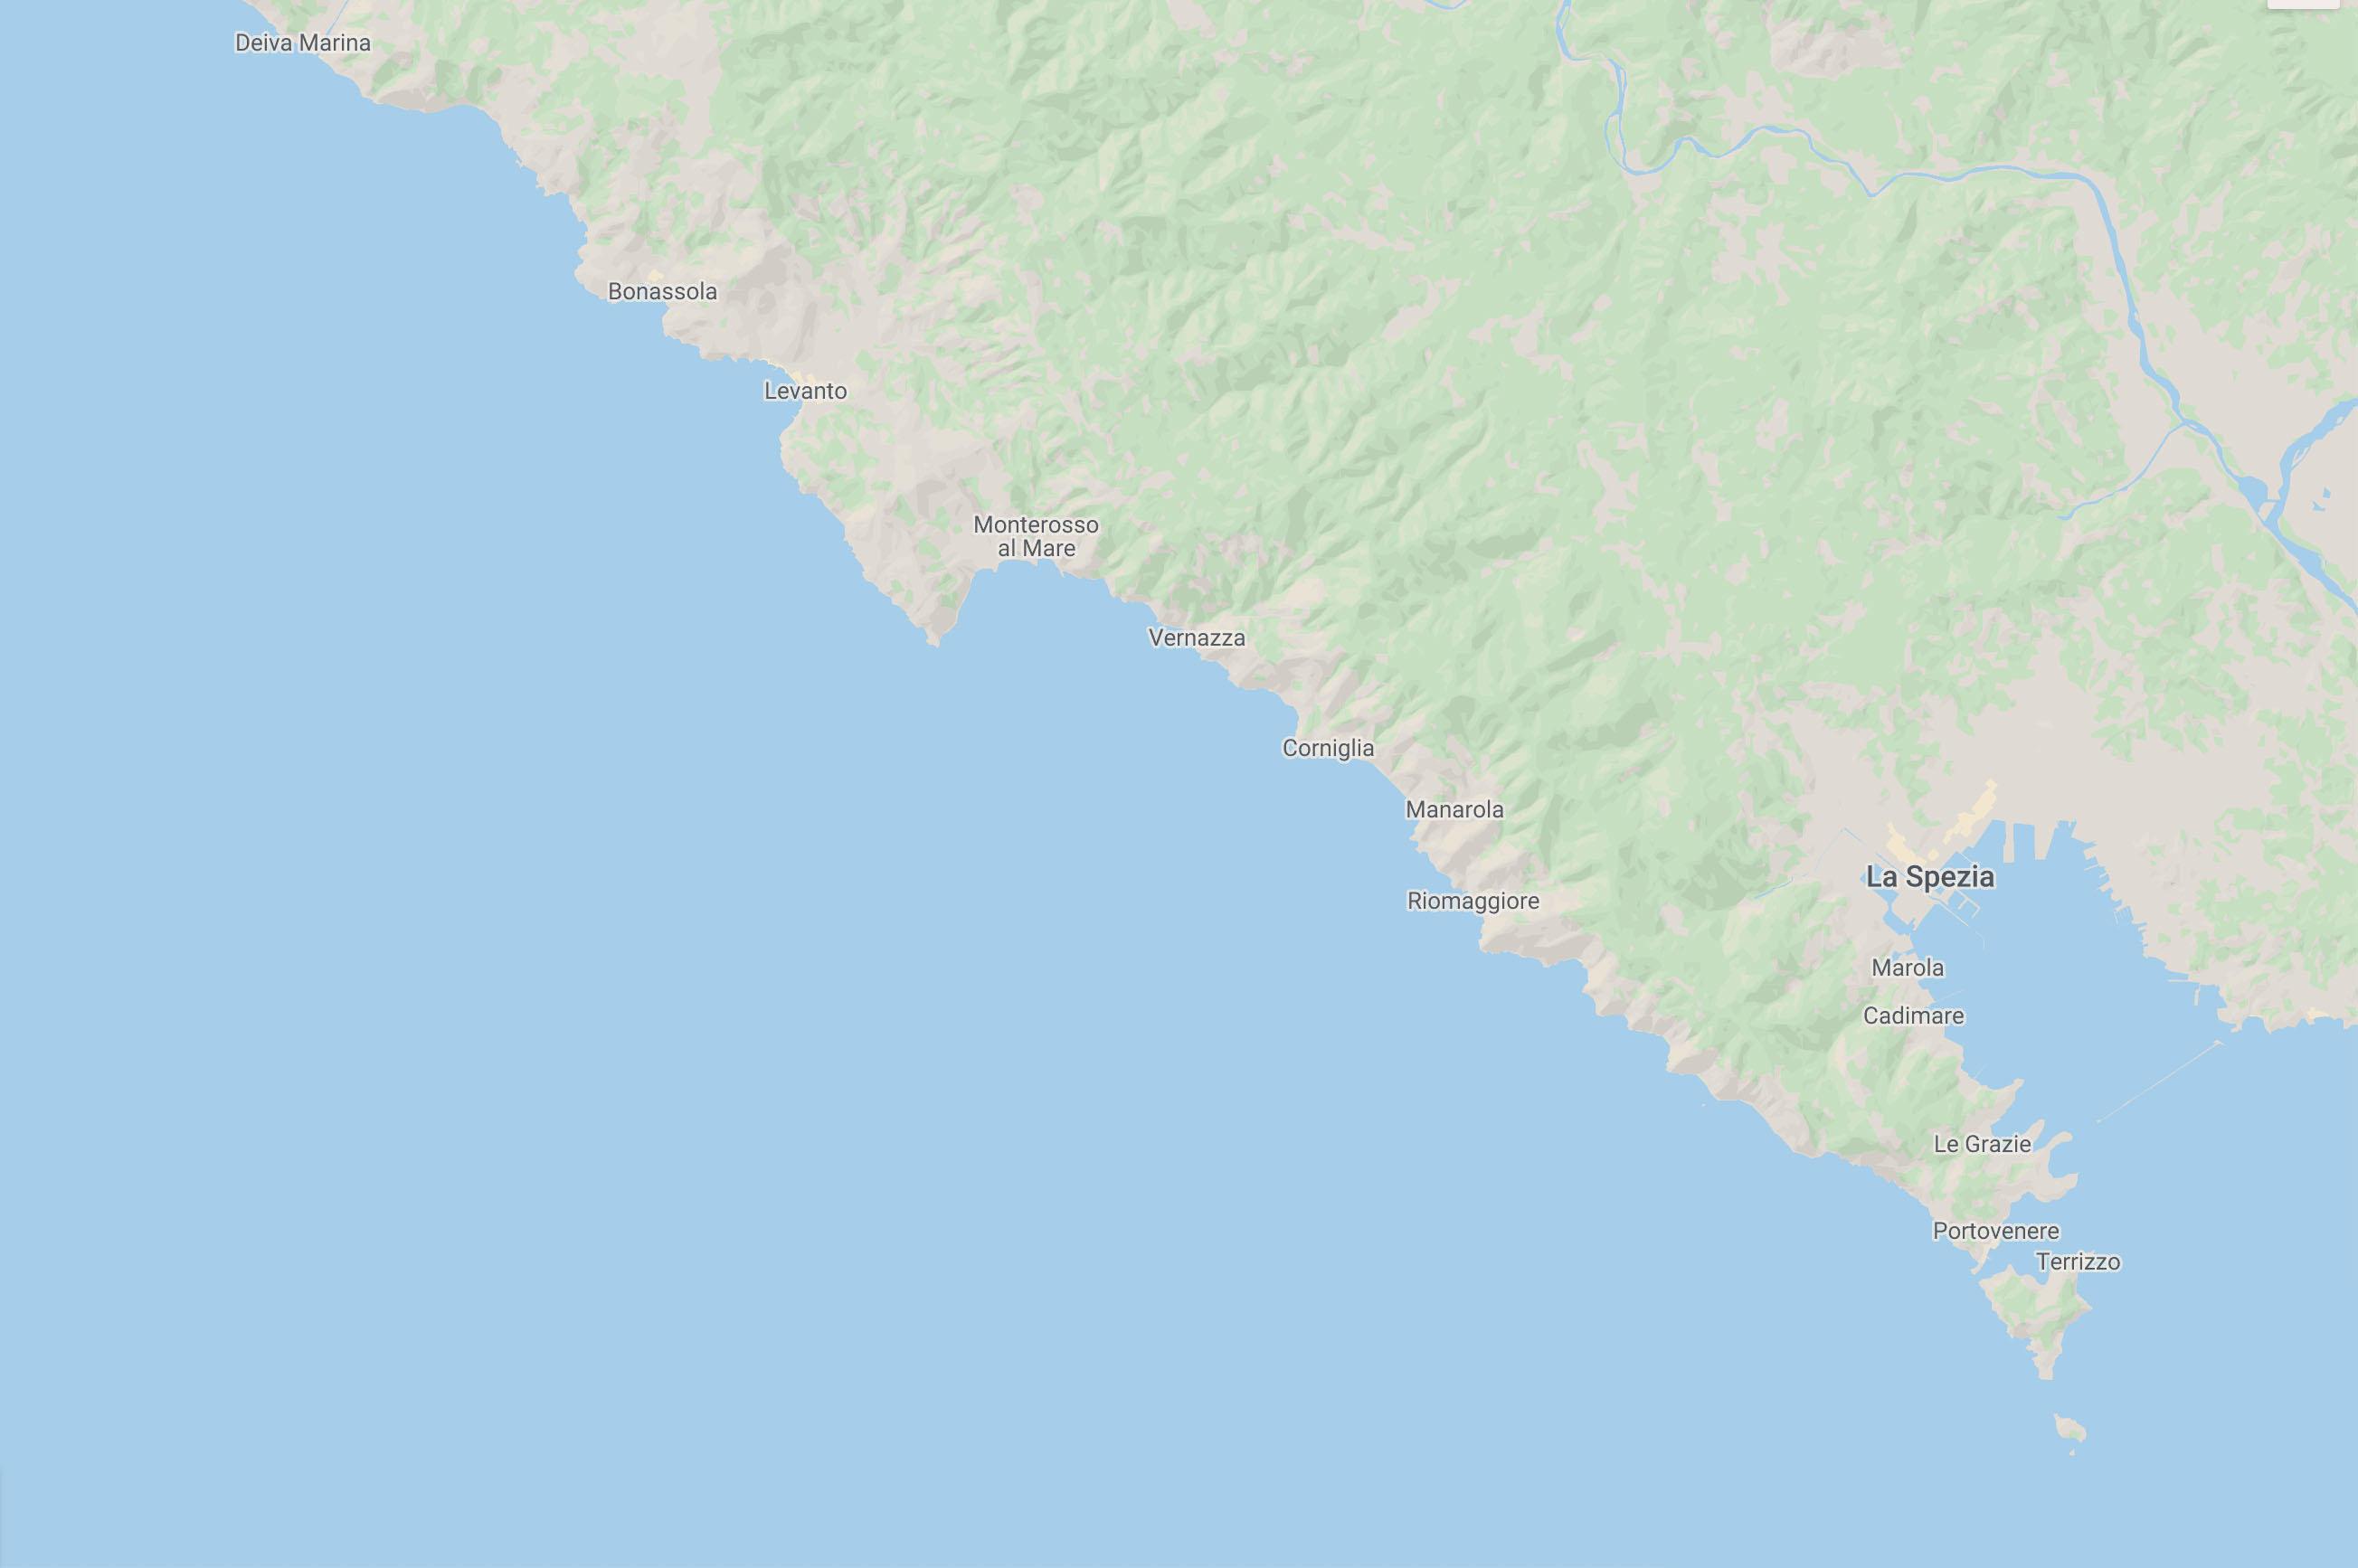 Cesare Charter Portofino - Dettaglio Tour Cinque Terre